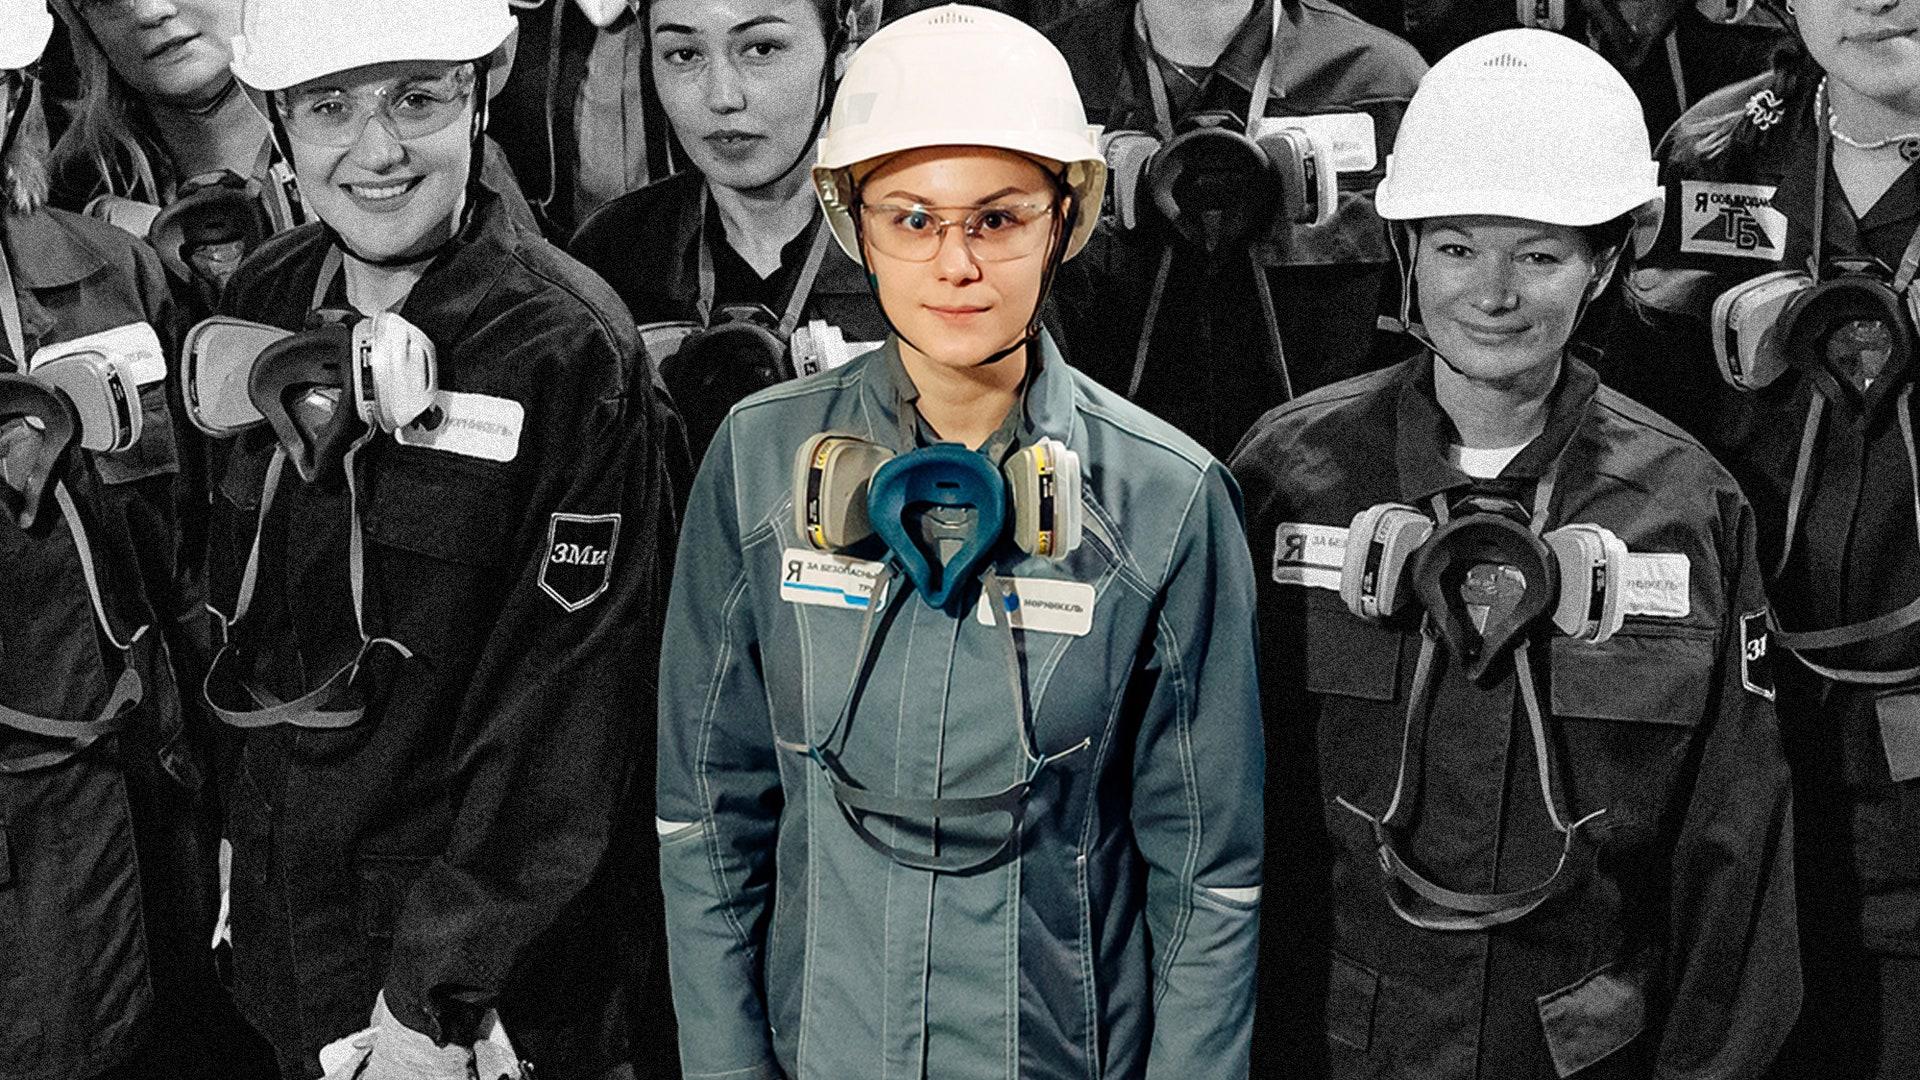 Мода на Крайнем Севере. Металлург Катя Золотарева — об отношениях с униформой, полярной ночи и группе Måneskin